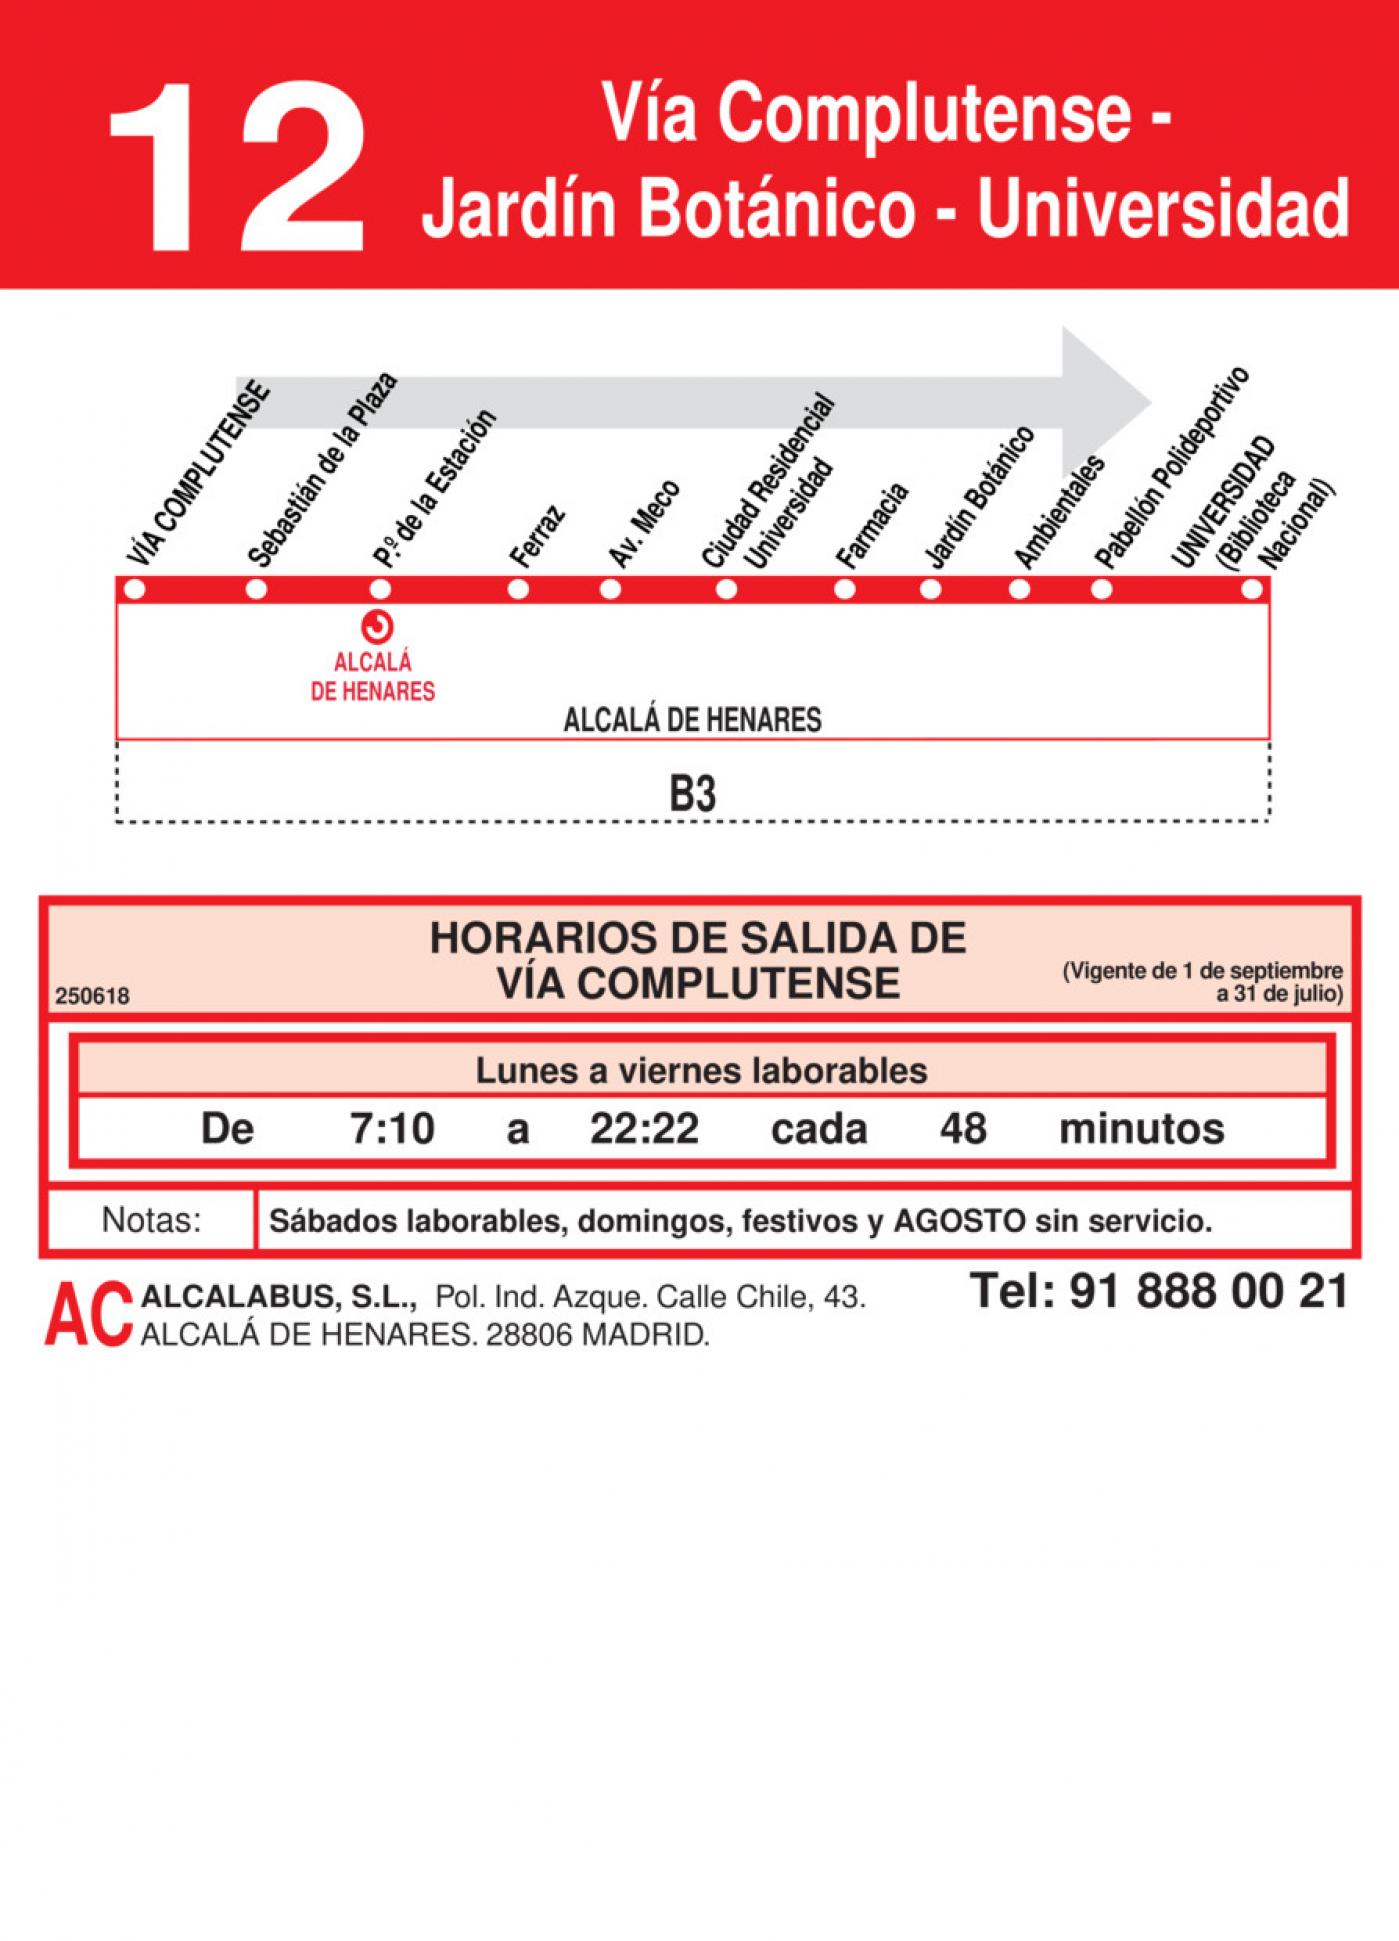 Tabla de horarios y frecuencias de paso en sentido ida Línea L-12 Alcalá de Henares: Plaza Cervantes - Jardín Botánico - Universidad